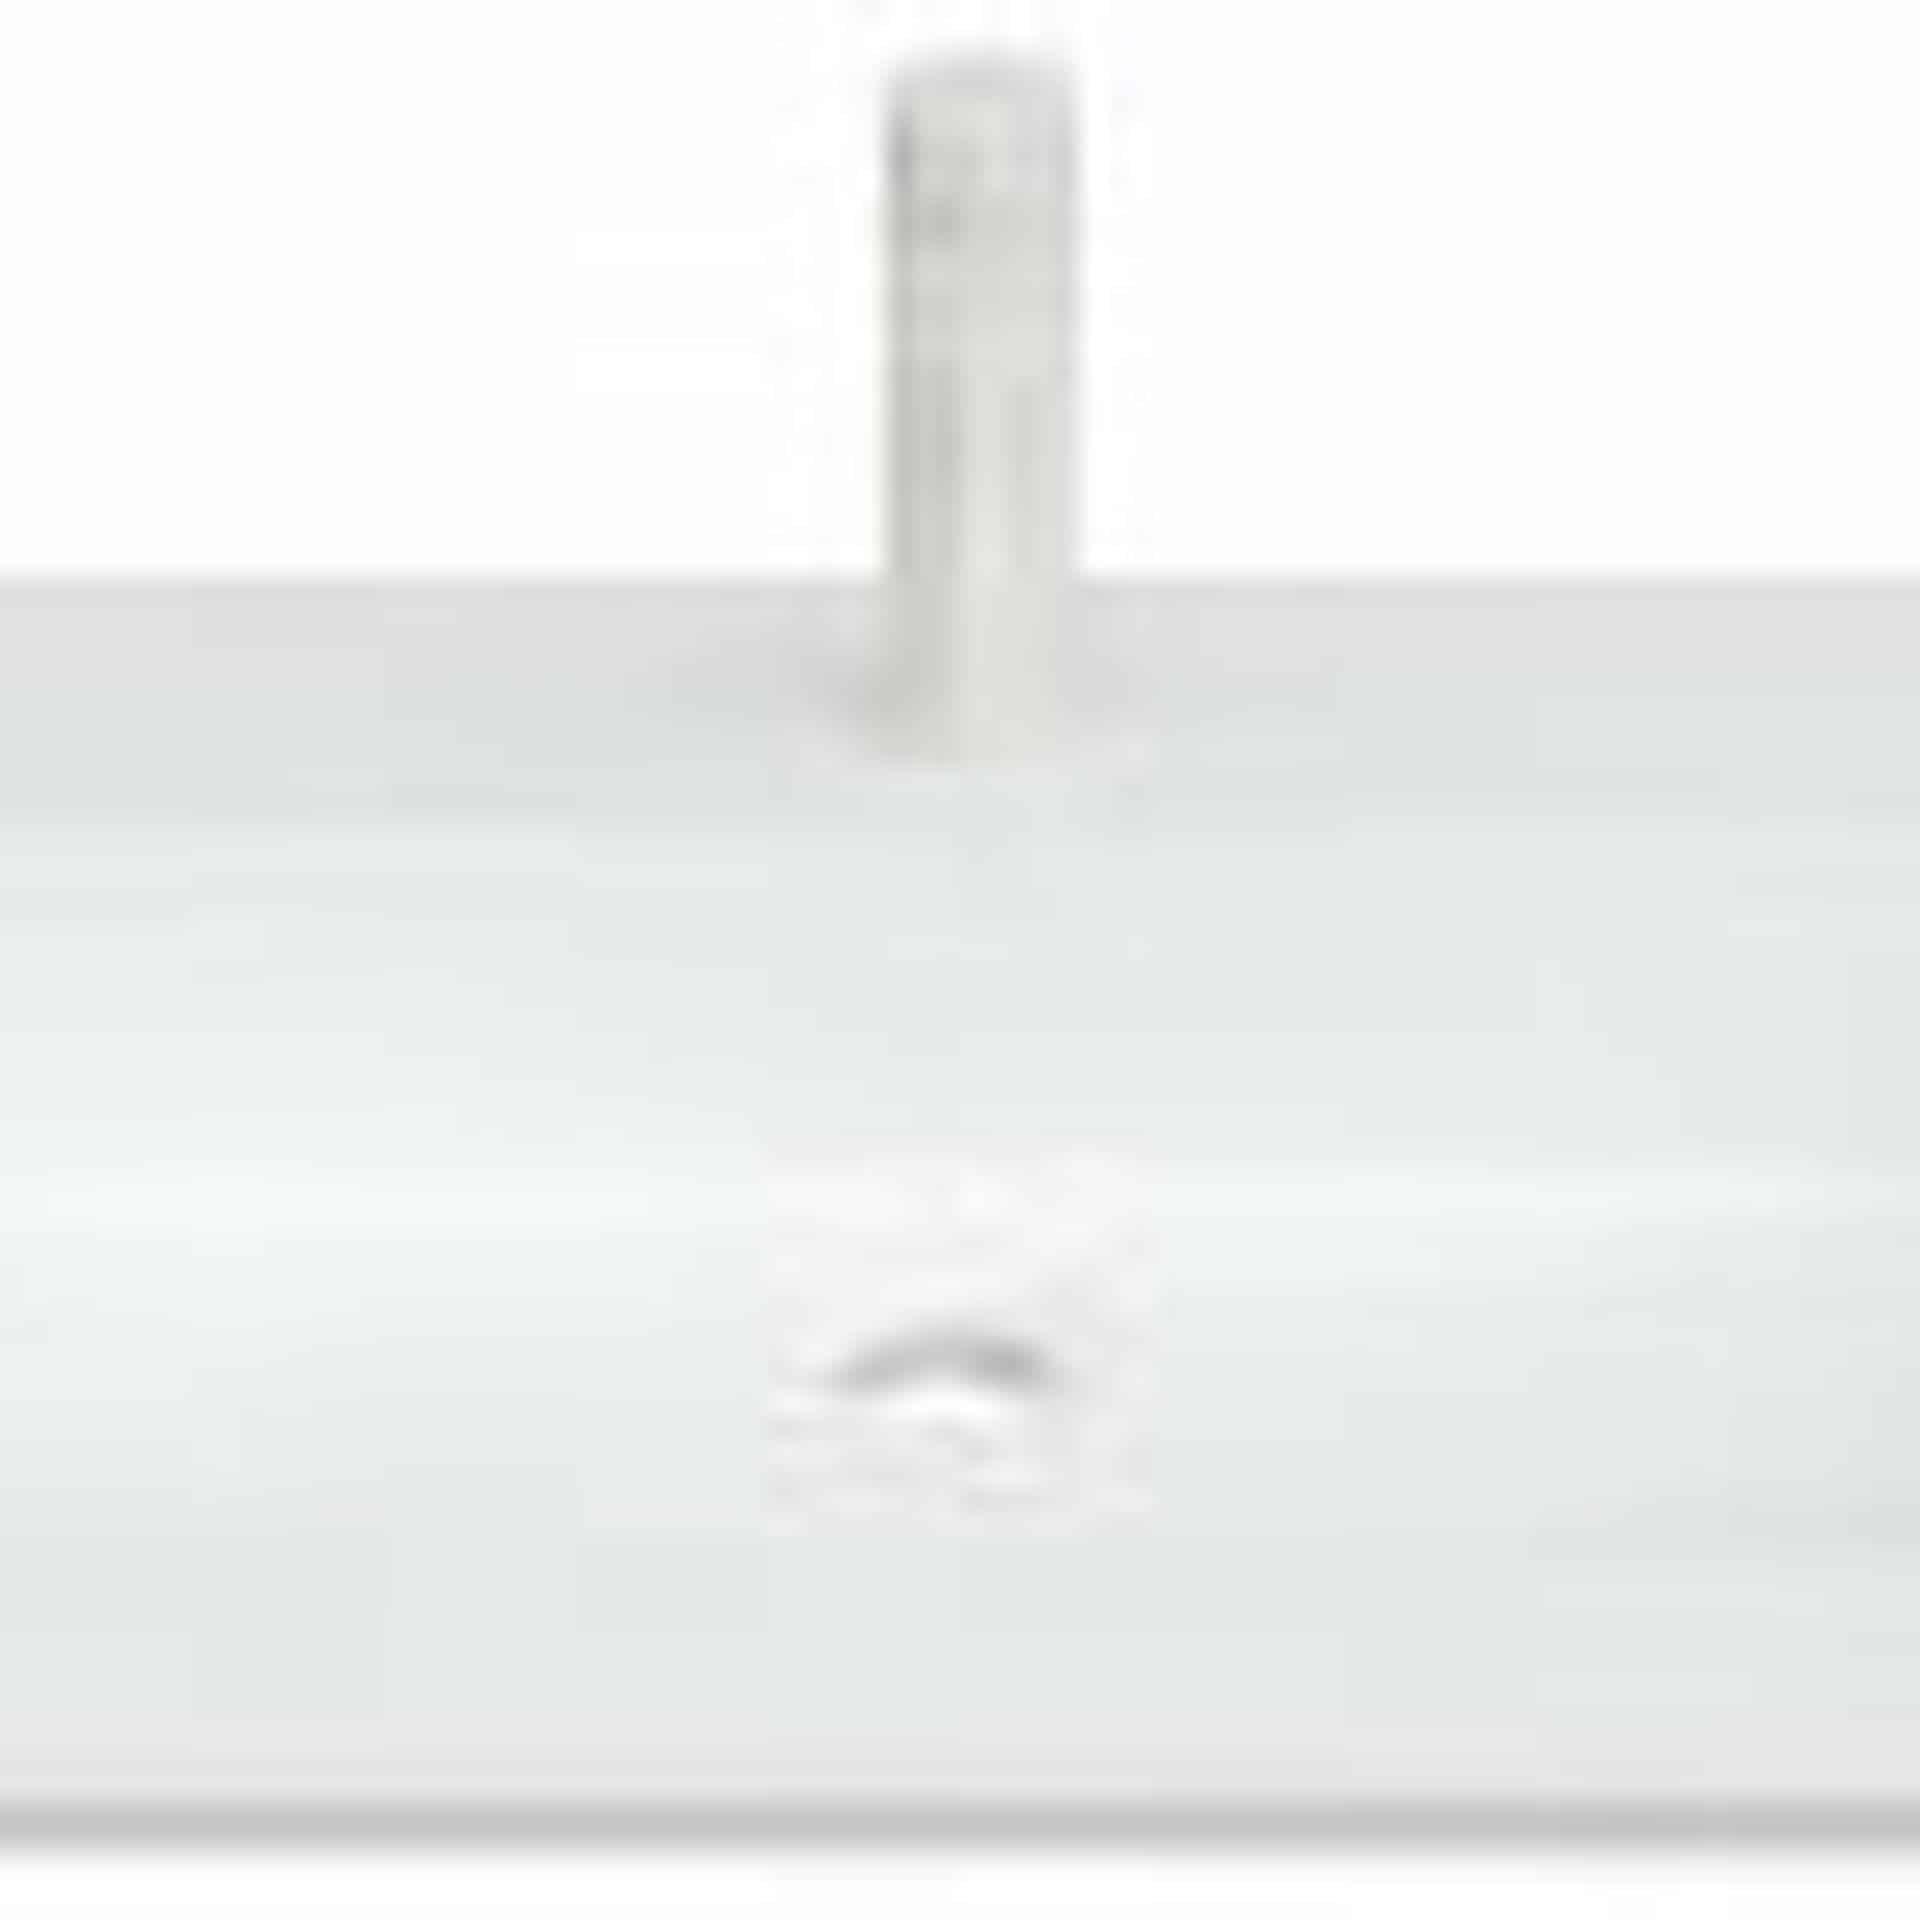 Flot designhåndvask i Kunstmarmor (Top-Solid). Vasken er lavet i hvid højglans komposit, som gør den meget nem at holde ren. Vasken har målene: 83,2 x 50,5 x 1,7 cm. Vasken tåler alle former for rengøringsmidler. Vasken skal stå på et skab. Køb et af vores tre slags åbne ophæng til slimlinevaske eller se vores guide til hvilket skab, der passer til og hvor du kan købe det. Vasken er hensynsmæssigt designet med fine rundinger, som både giver vasken et eksklusivt udtryk og gør den rengøringsvenlig. Vasken vedligeholdes med voks - vi anbefaler en behandling med vores egen naturvoks ID12002 et par gange om året for at opnå optimalt look.